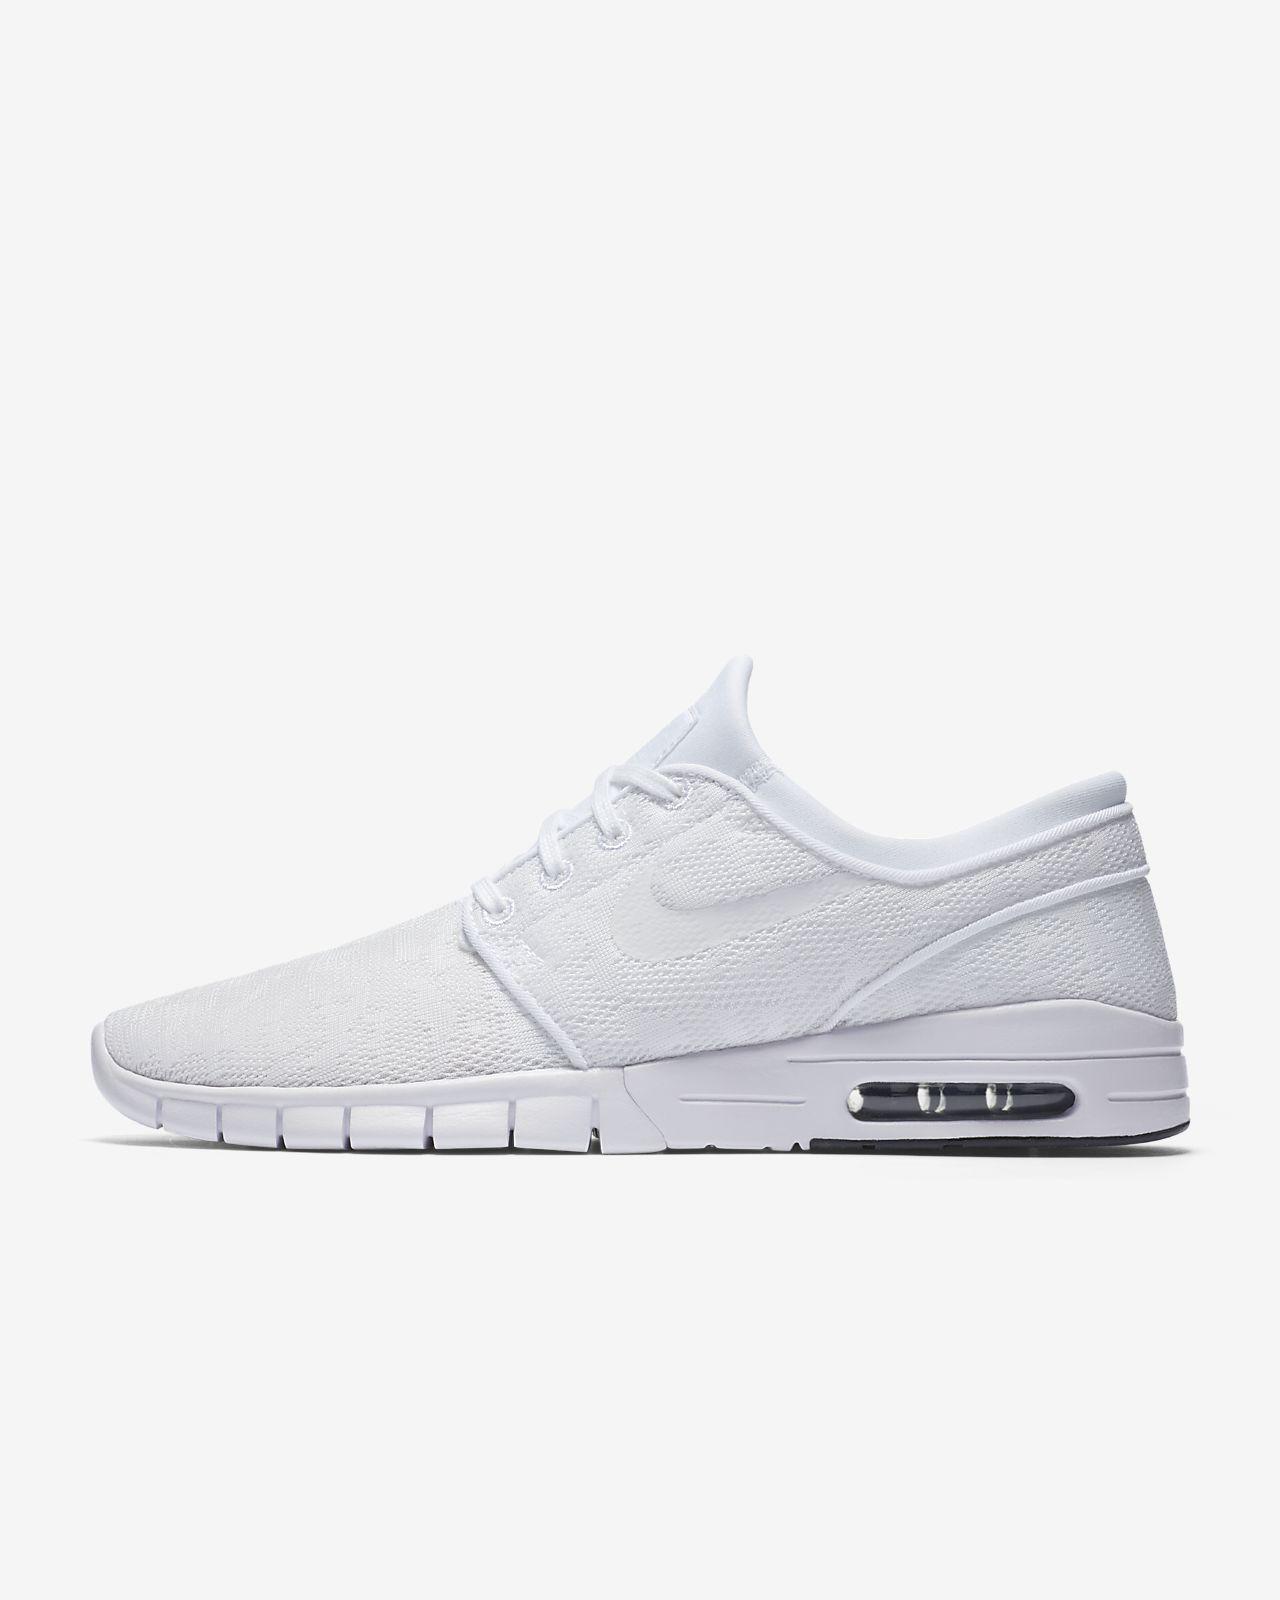 Oferta Zapatillas Running Nike,Nike SB Stefan Janoski Max